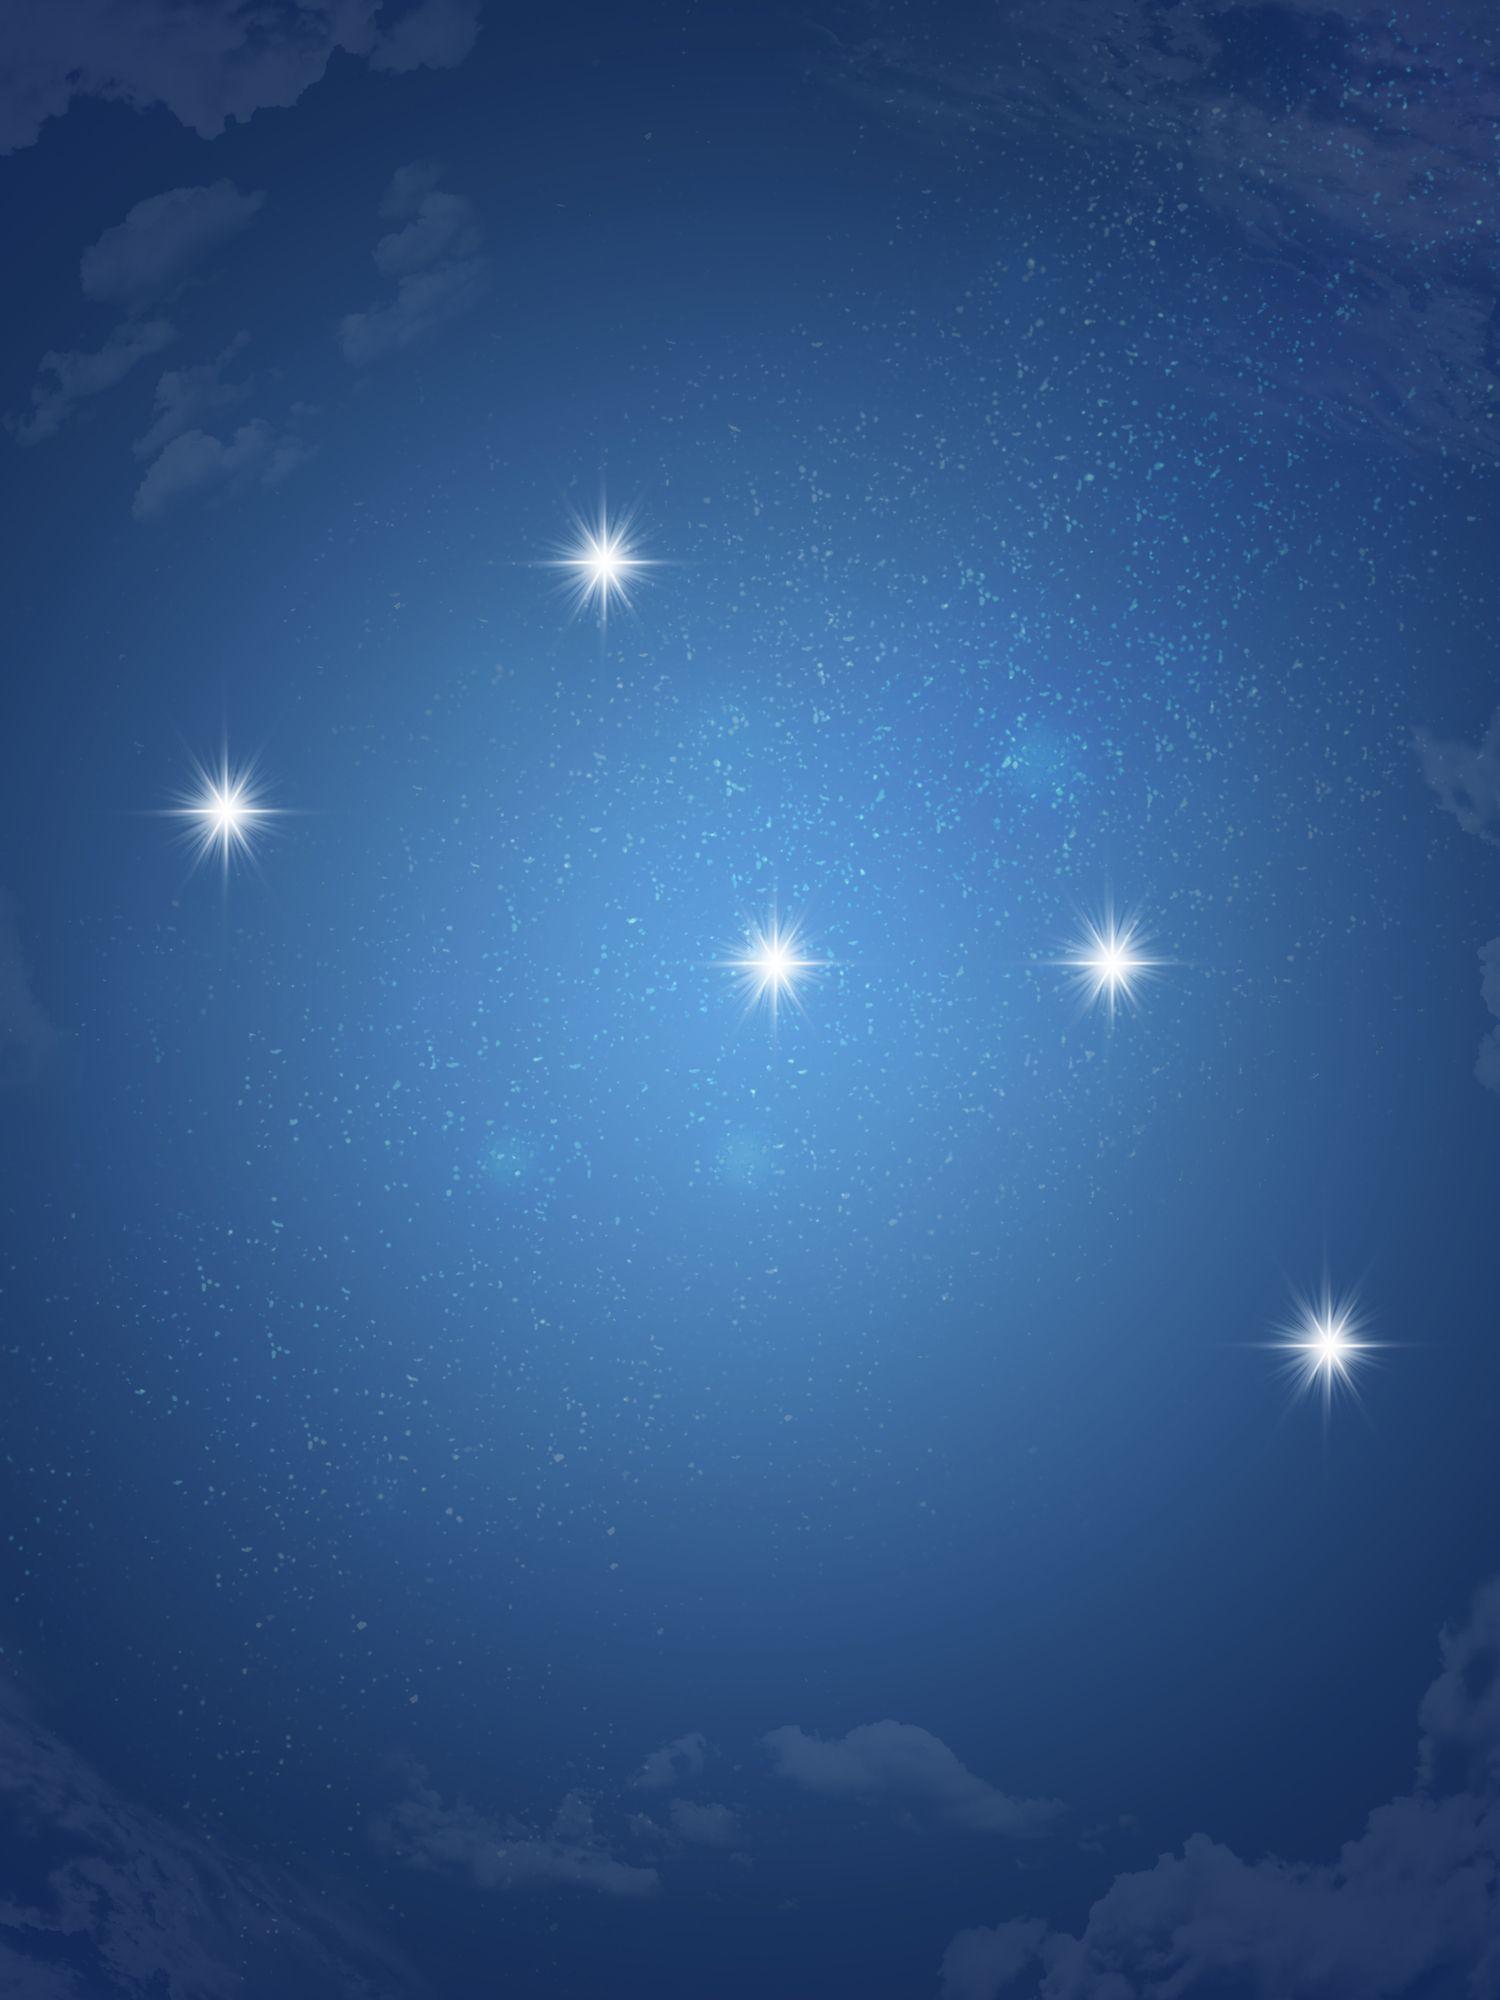 日本では「カシオペア」という寝台特急があったほどの人気の星座です。M字型の星があればそれがカシオペア座です。